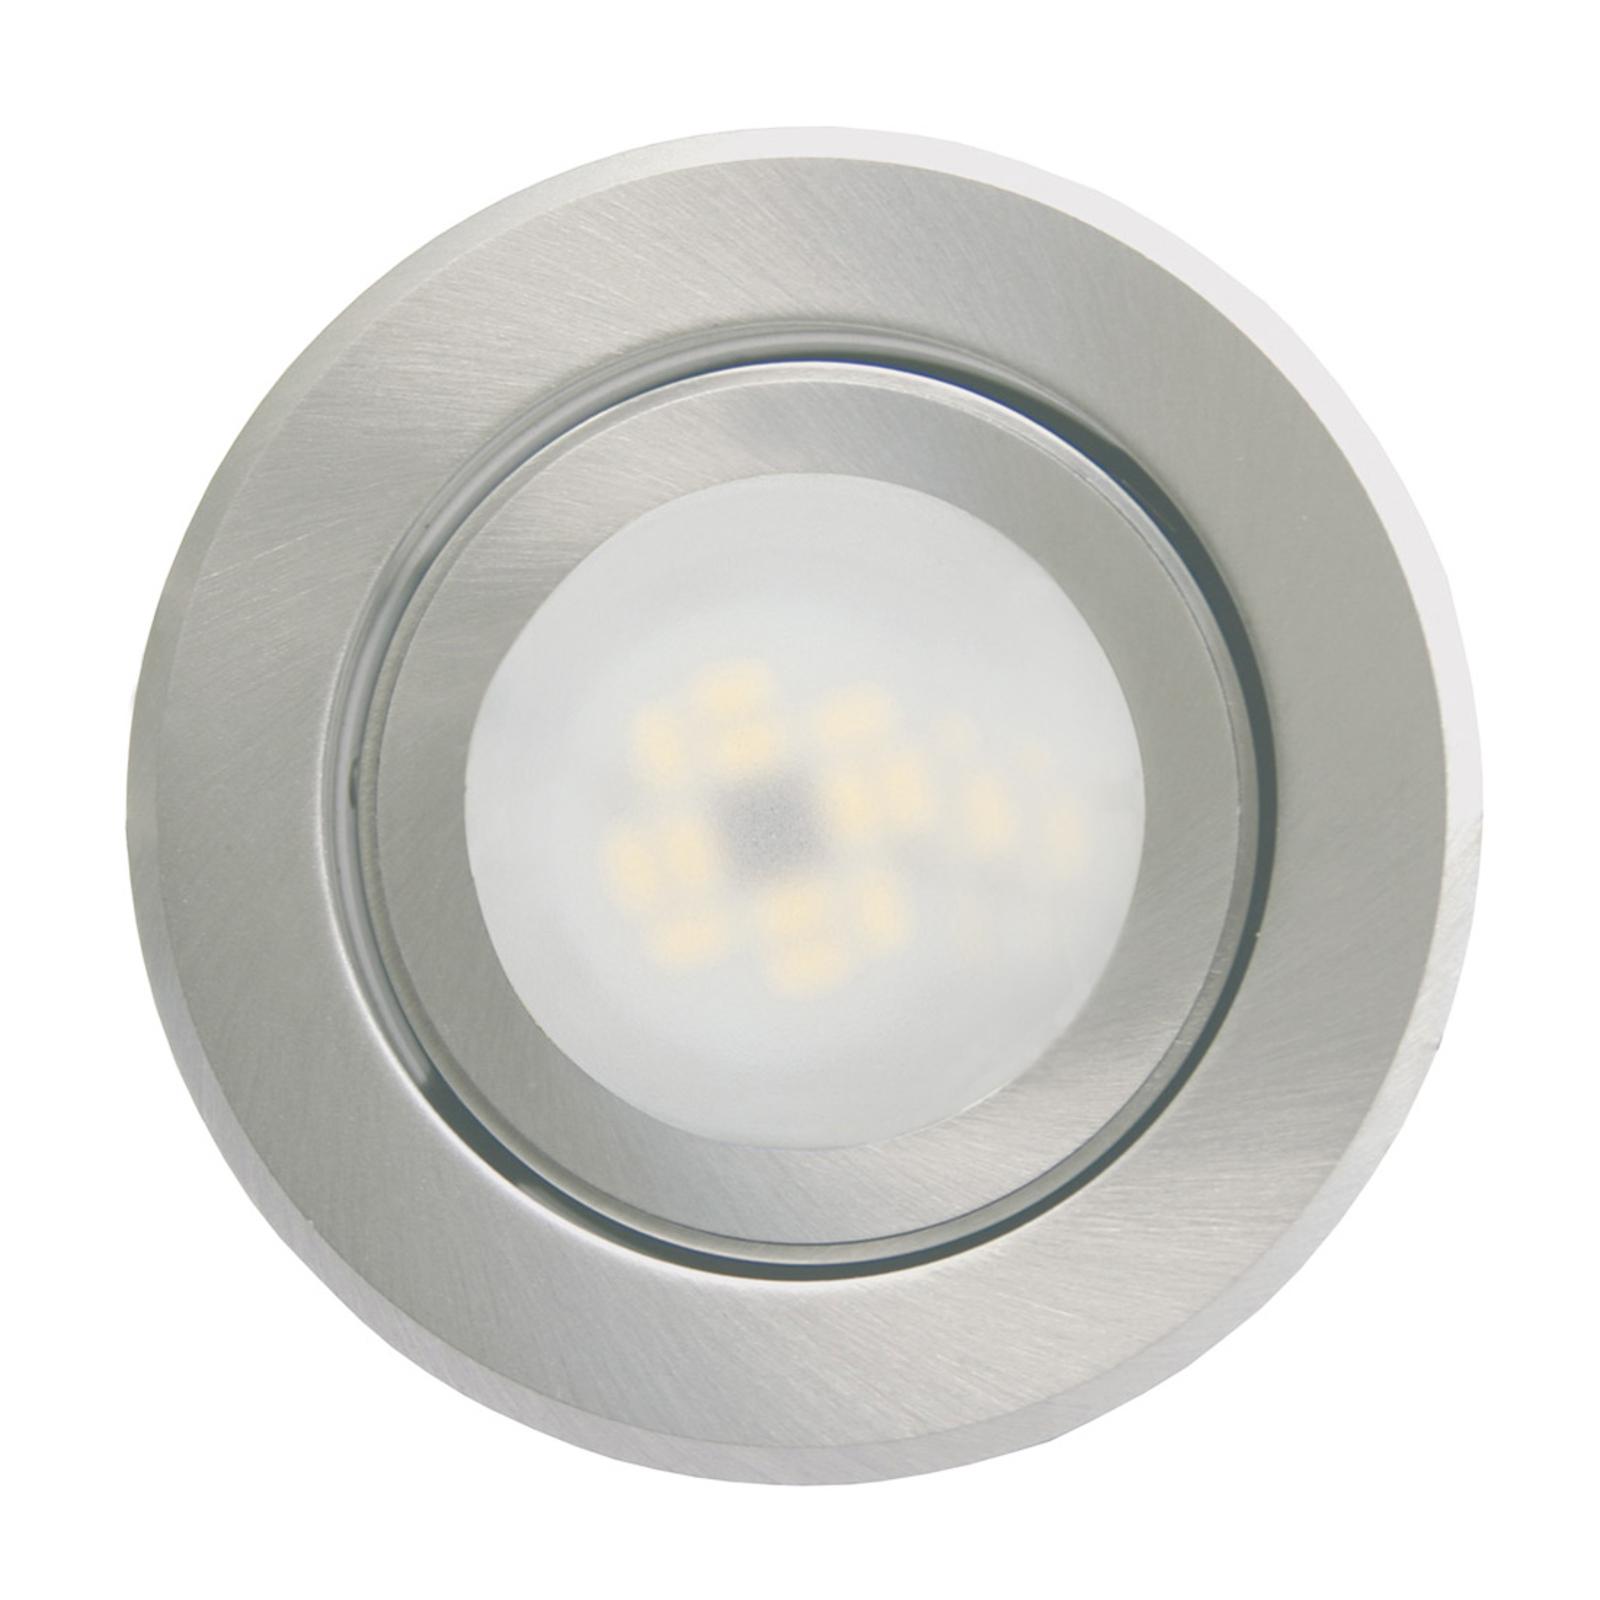 Lámpara empotrada Joanie, LED, aluminio cepillado